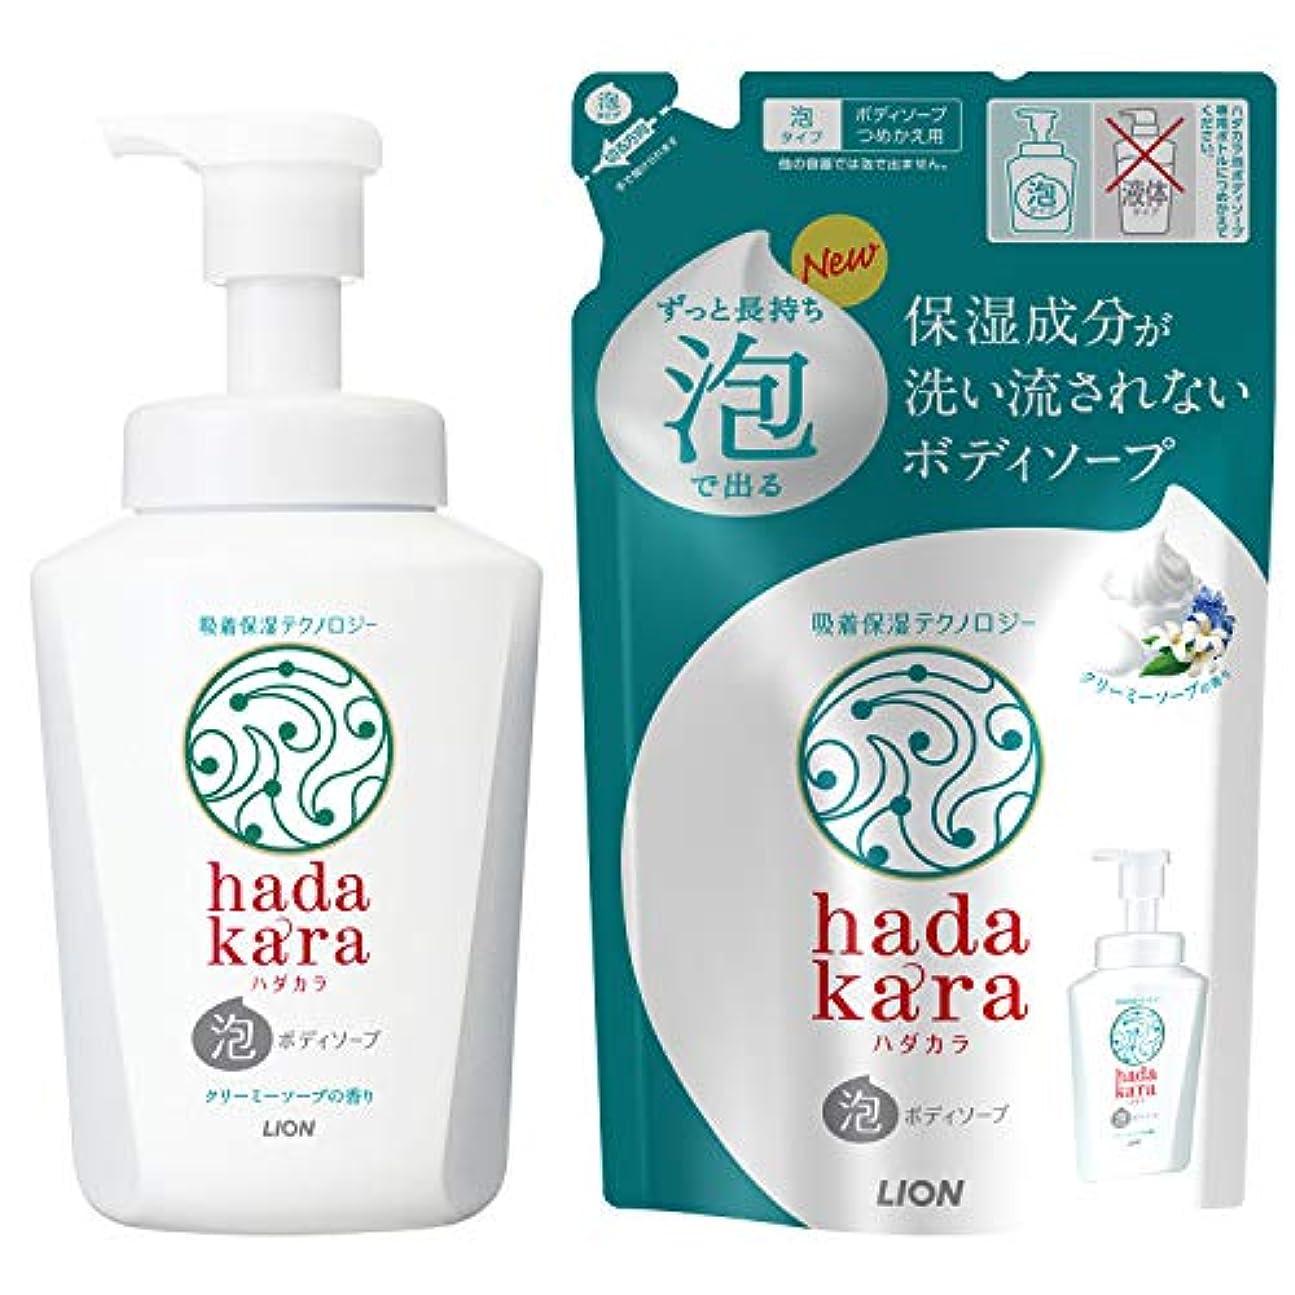 バーガー盲目移植hadakara(ハダカラ) ボディソープ 泡タイプ クリーミーソープの香り 本体550ml+詰替440ml